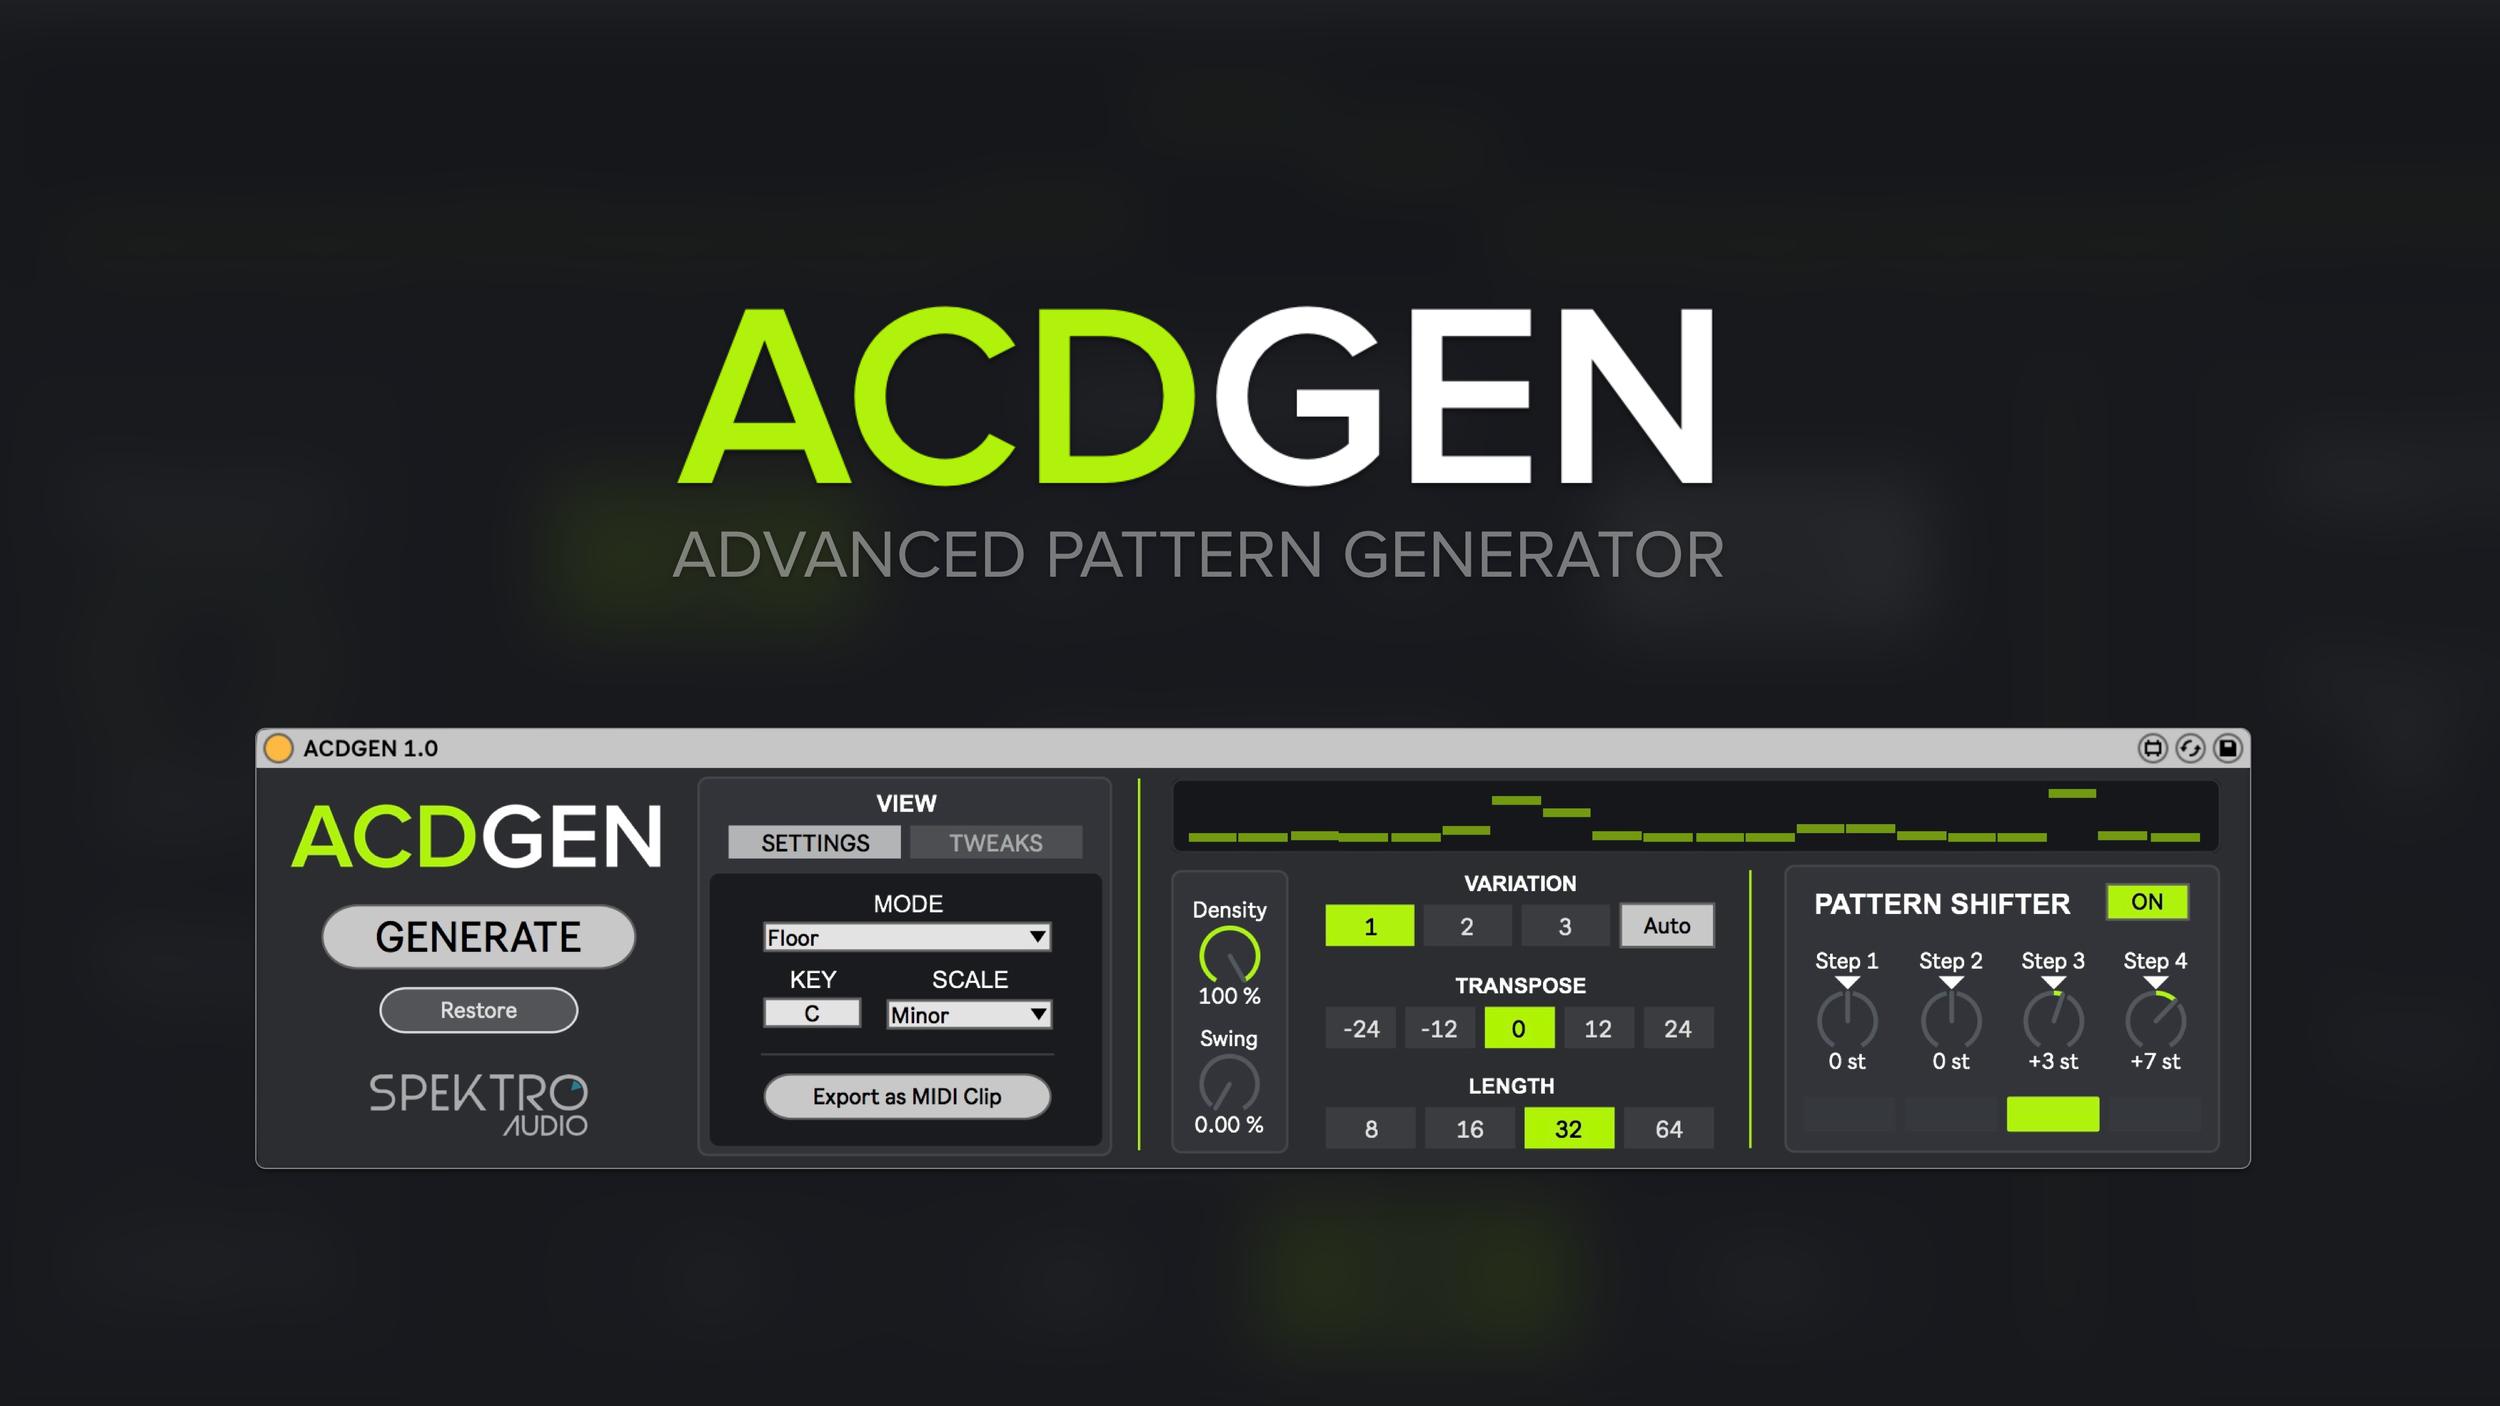 ACDGEN Promo.png